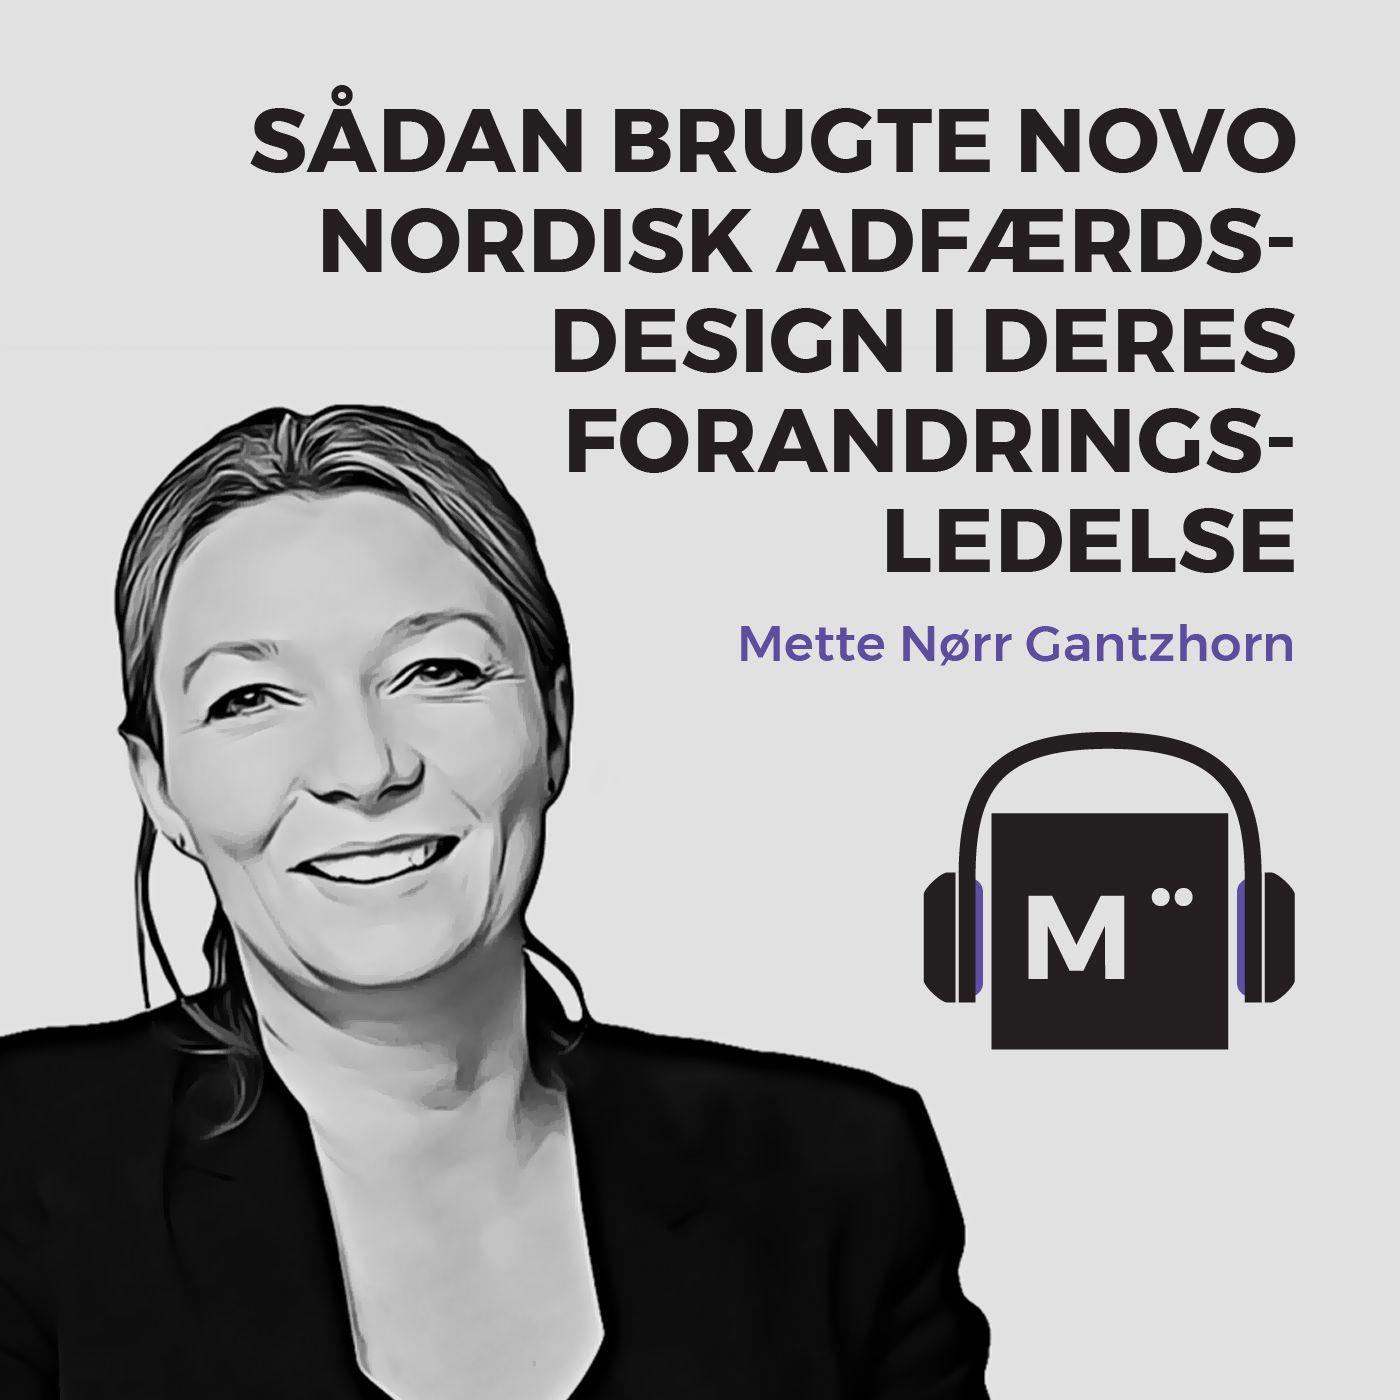 31. Sådan brugte Novo Nordisk adfærdsdesign i deres forandringsledelse – med Mette Nørr Gantzhorn